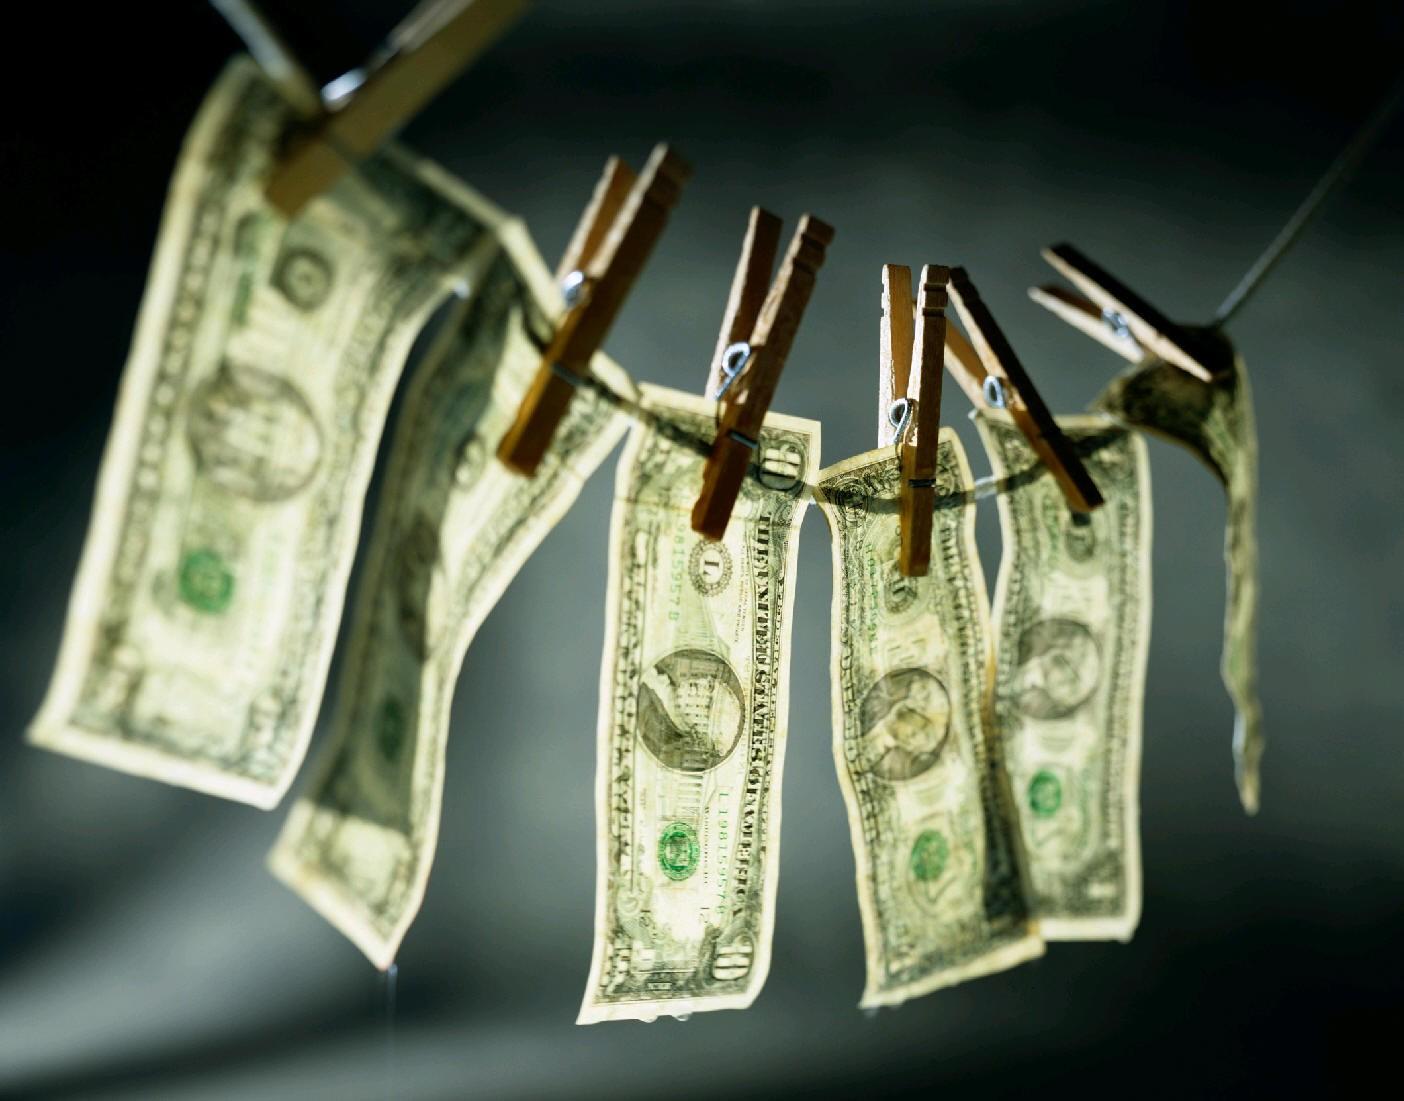 Бывшего заместителя руководителя КГУ «Управление финансов акимата СКО» подозревают в отмывании денег